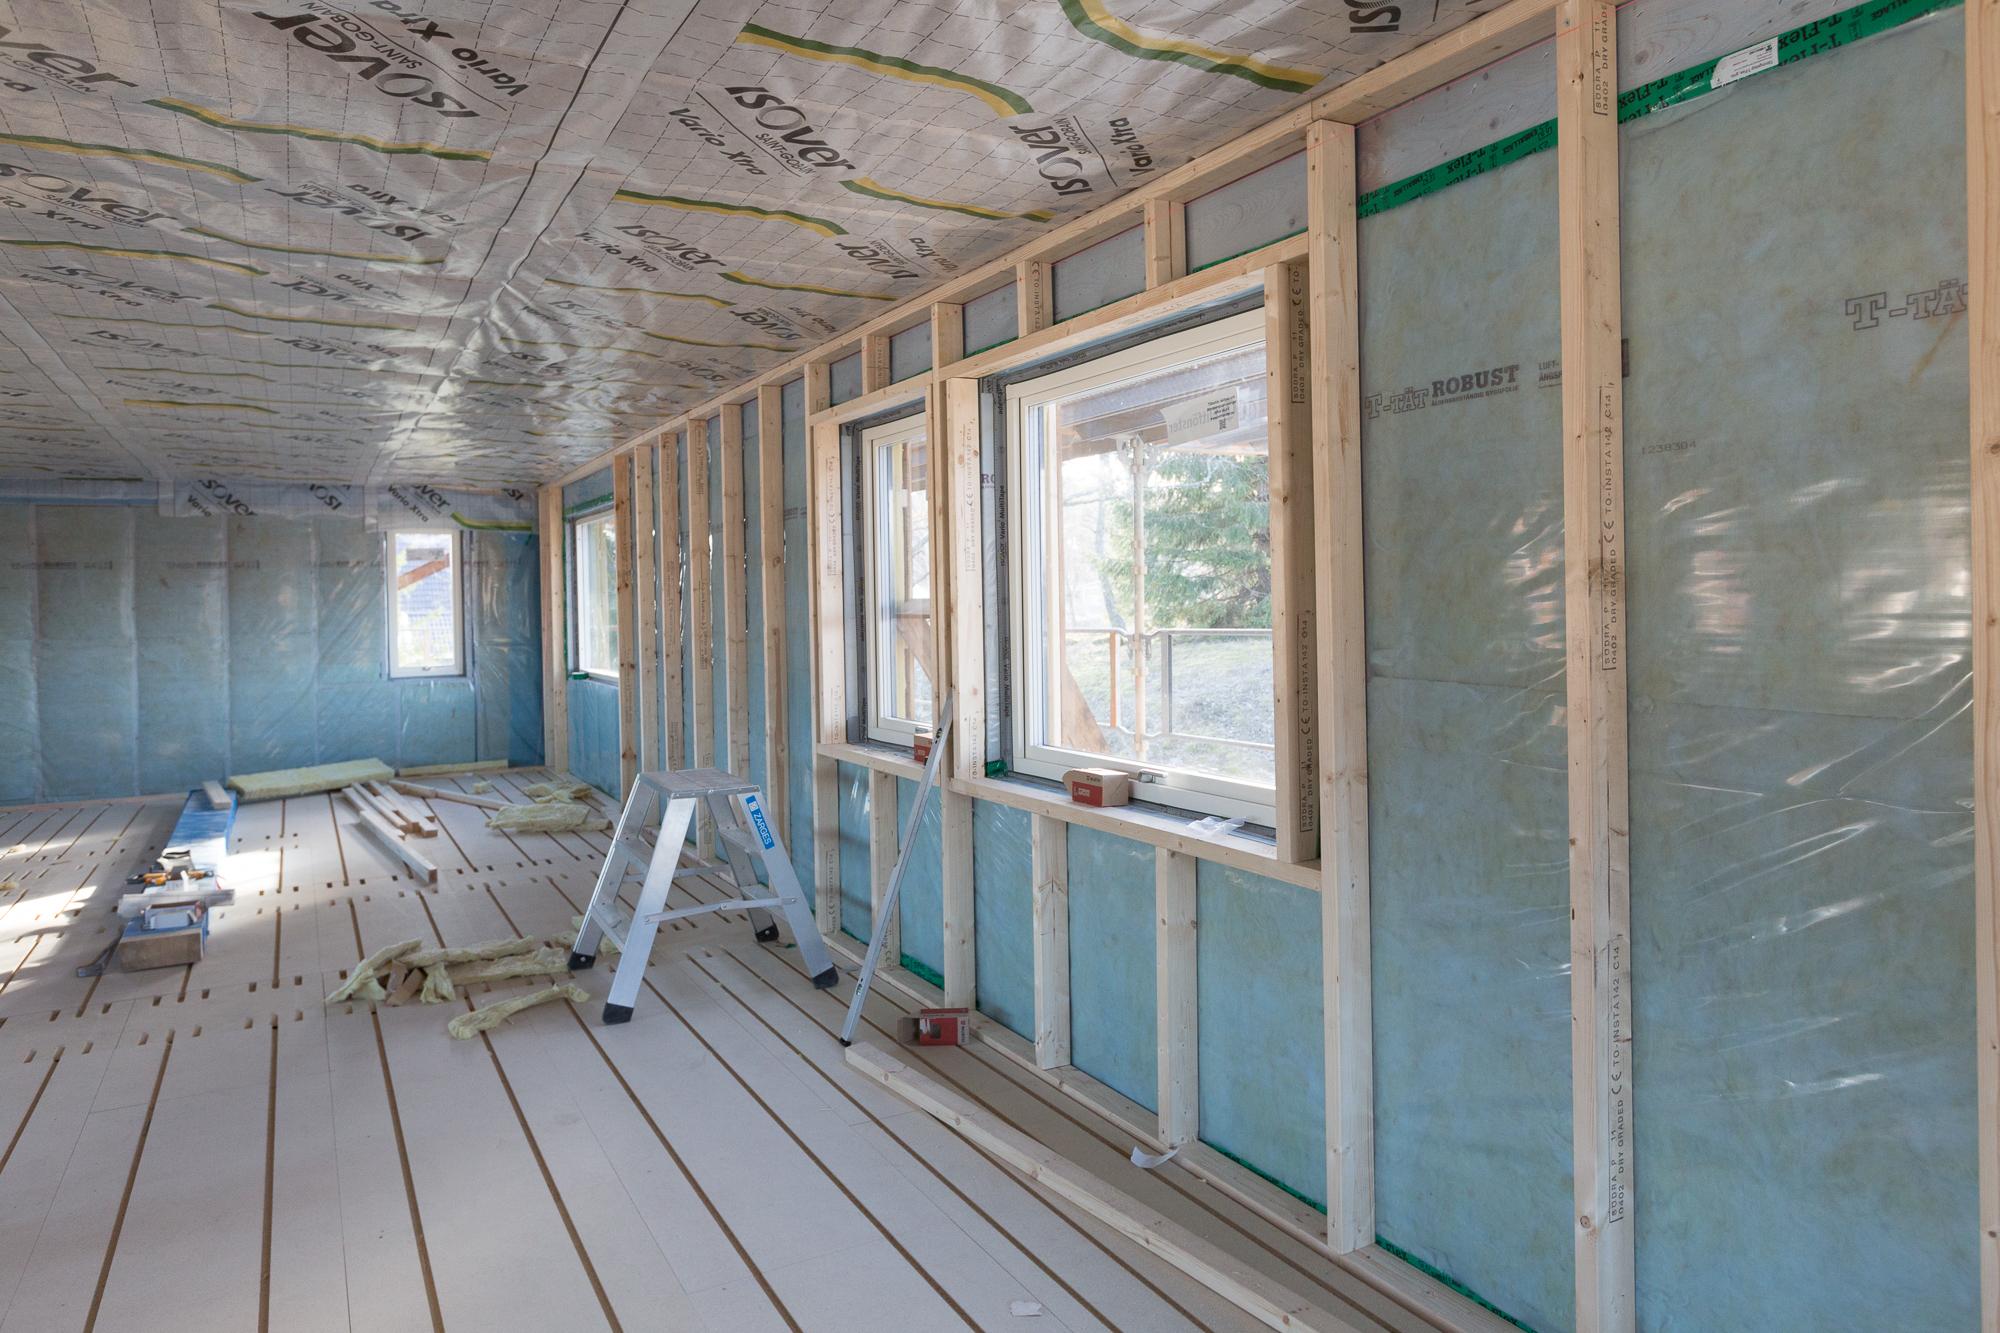 Reglarna för installationsväggen börjar komma upp på övervåningen, liksom ångbroms mot vind.